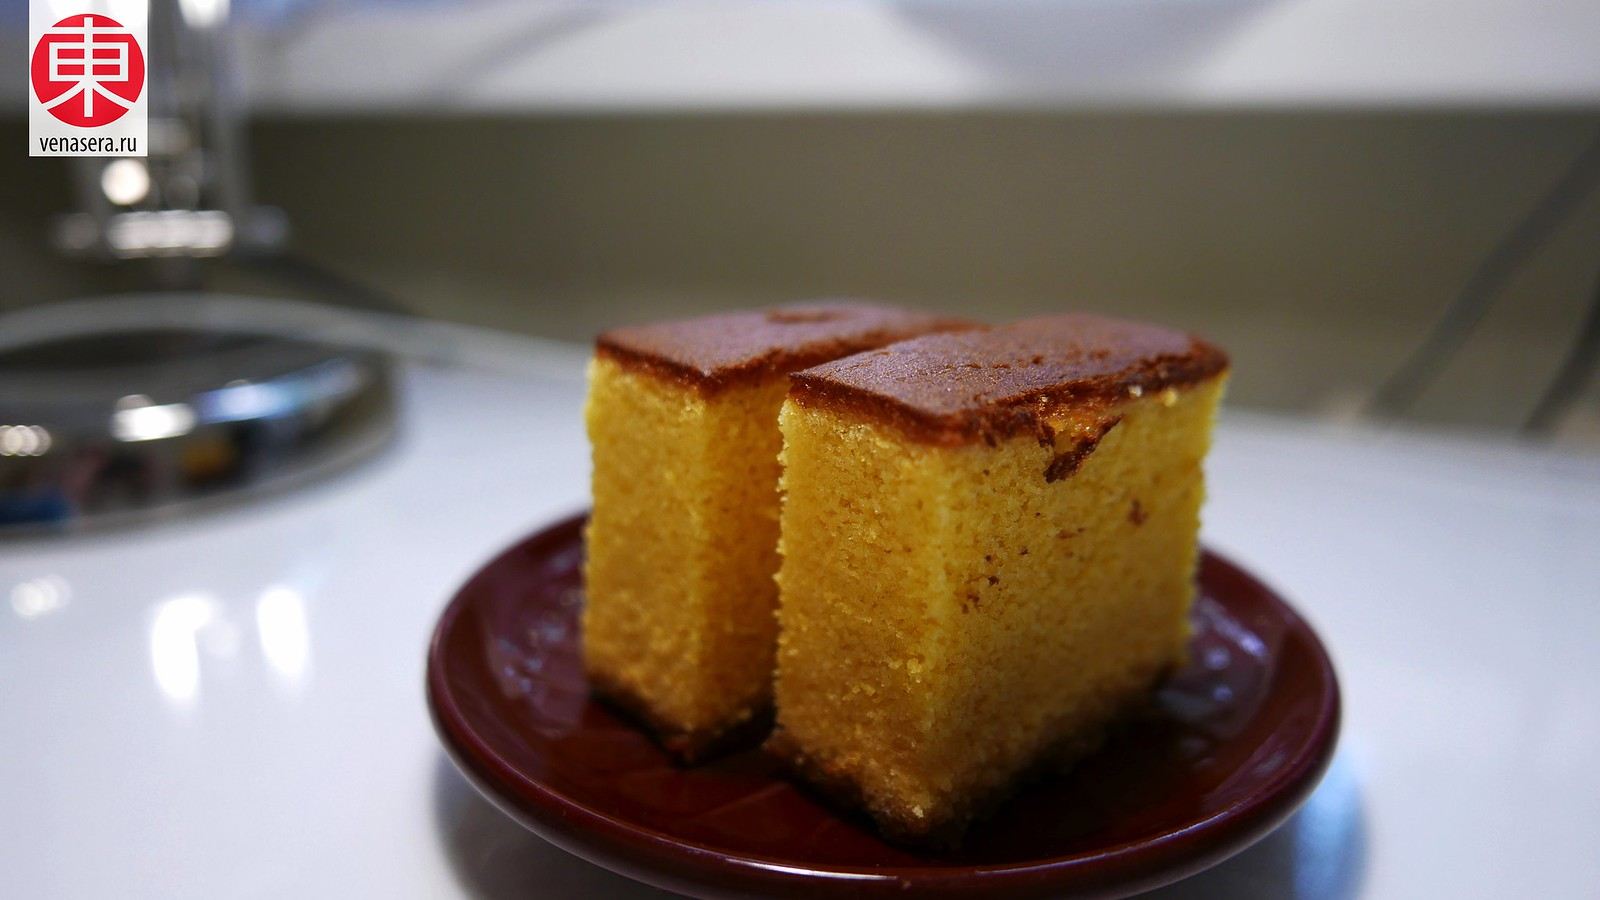 Кастелла японский медовый бисквит фото выпечки пошагово